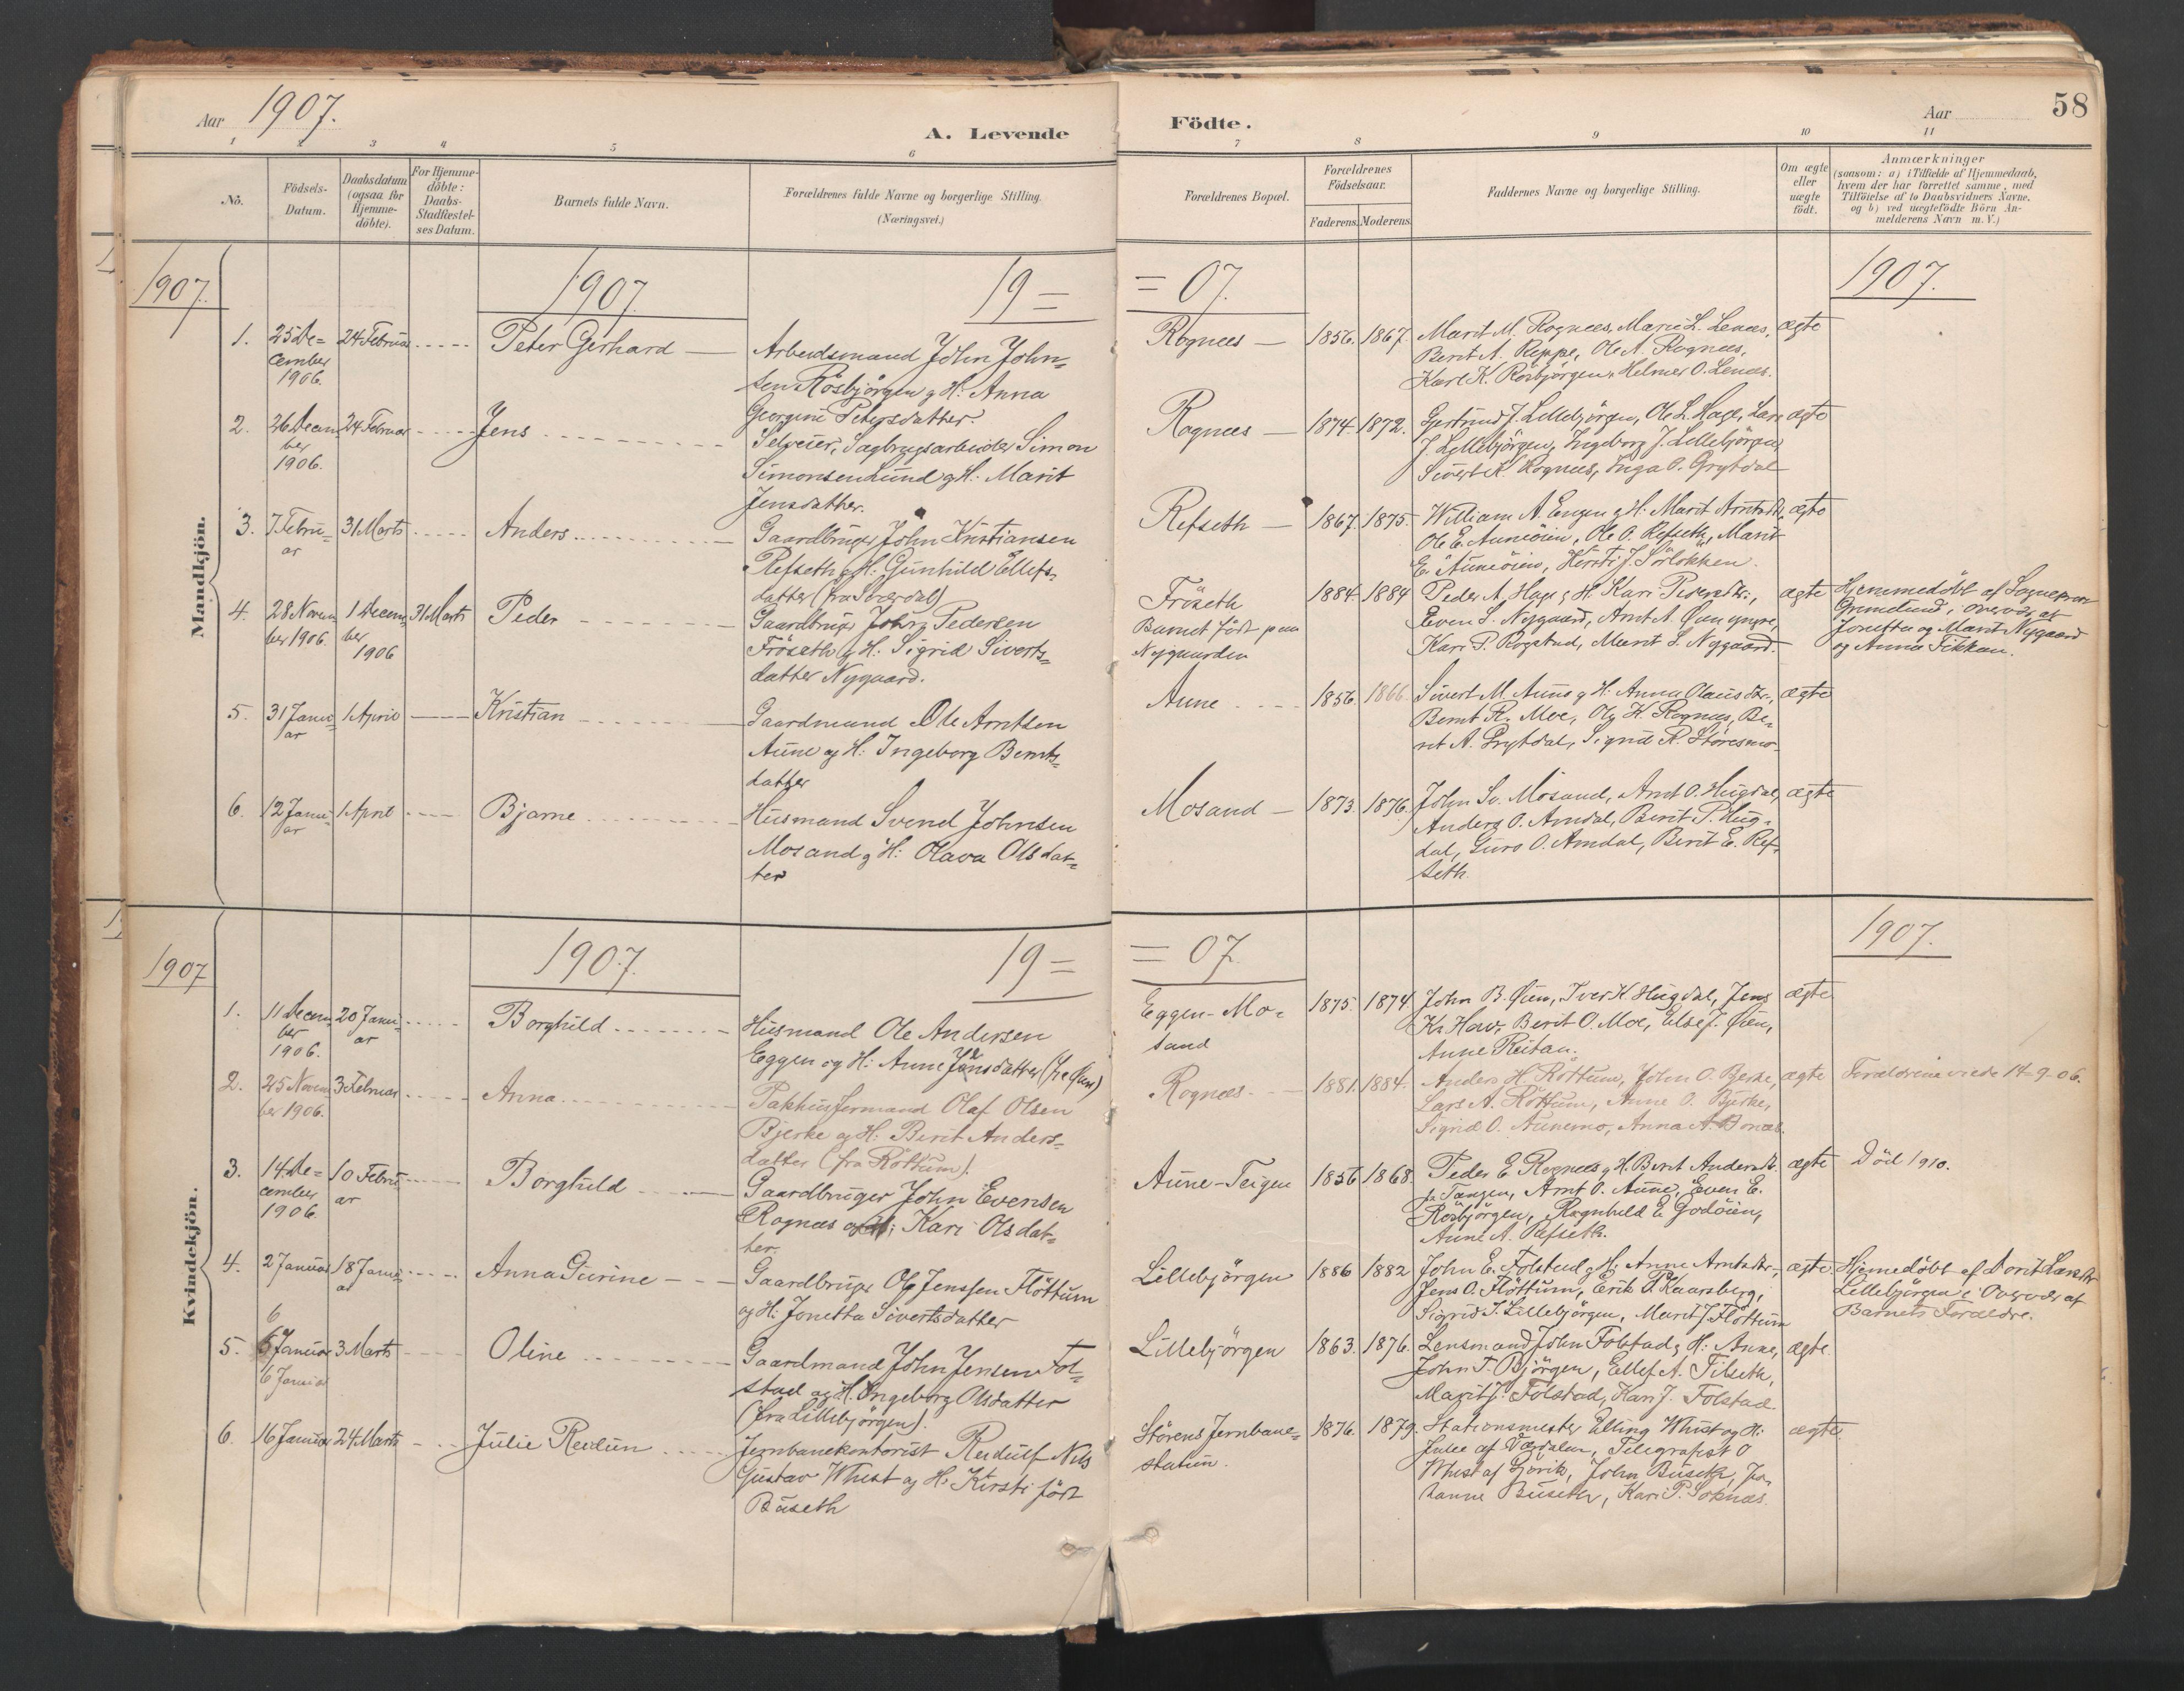 SAT, Ministerialprotokoller, klokkerbøker og fødselsregistre - Sør-Trøndelag, 687/L1004: Ministerialbok nr. 687A10, 1891-1923, s. 58